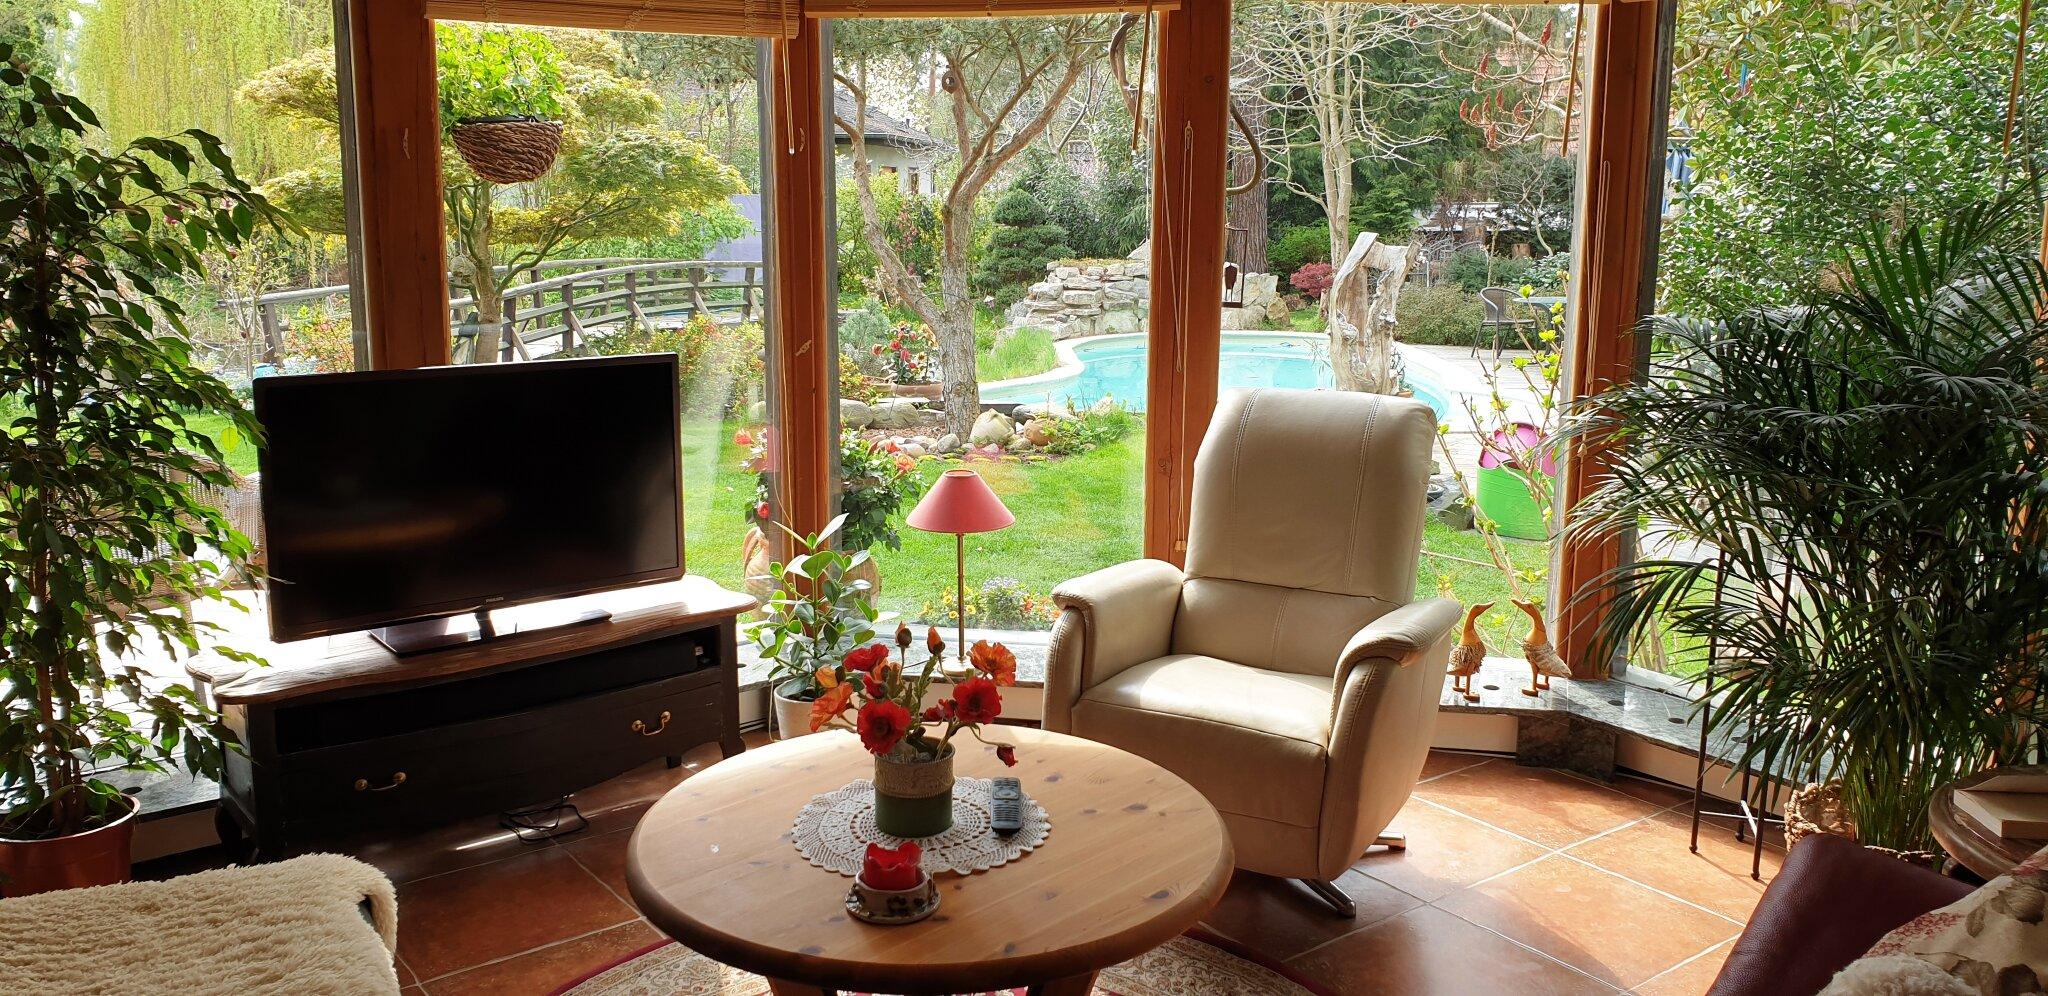 Blick vom Balkon zu Pool und Garten